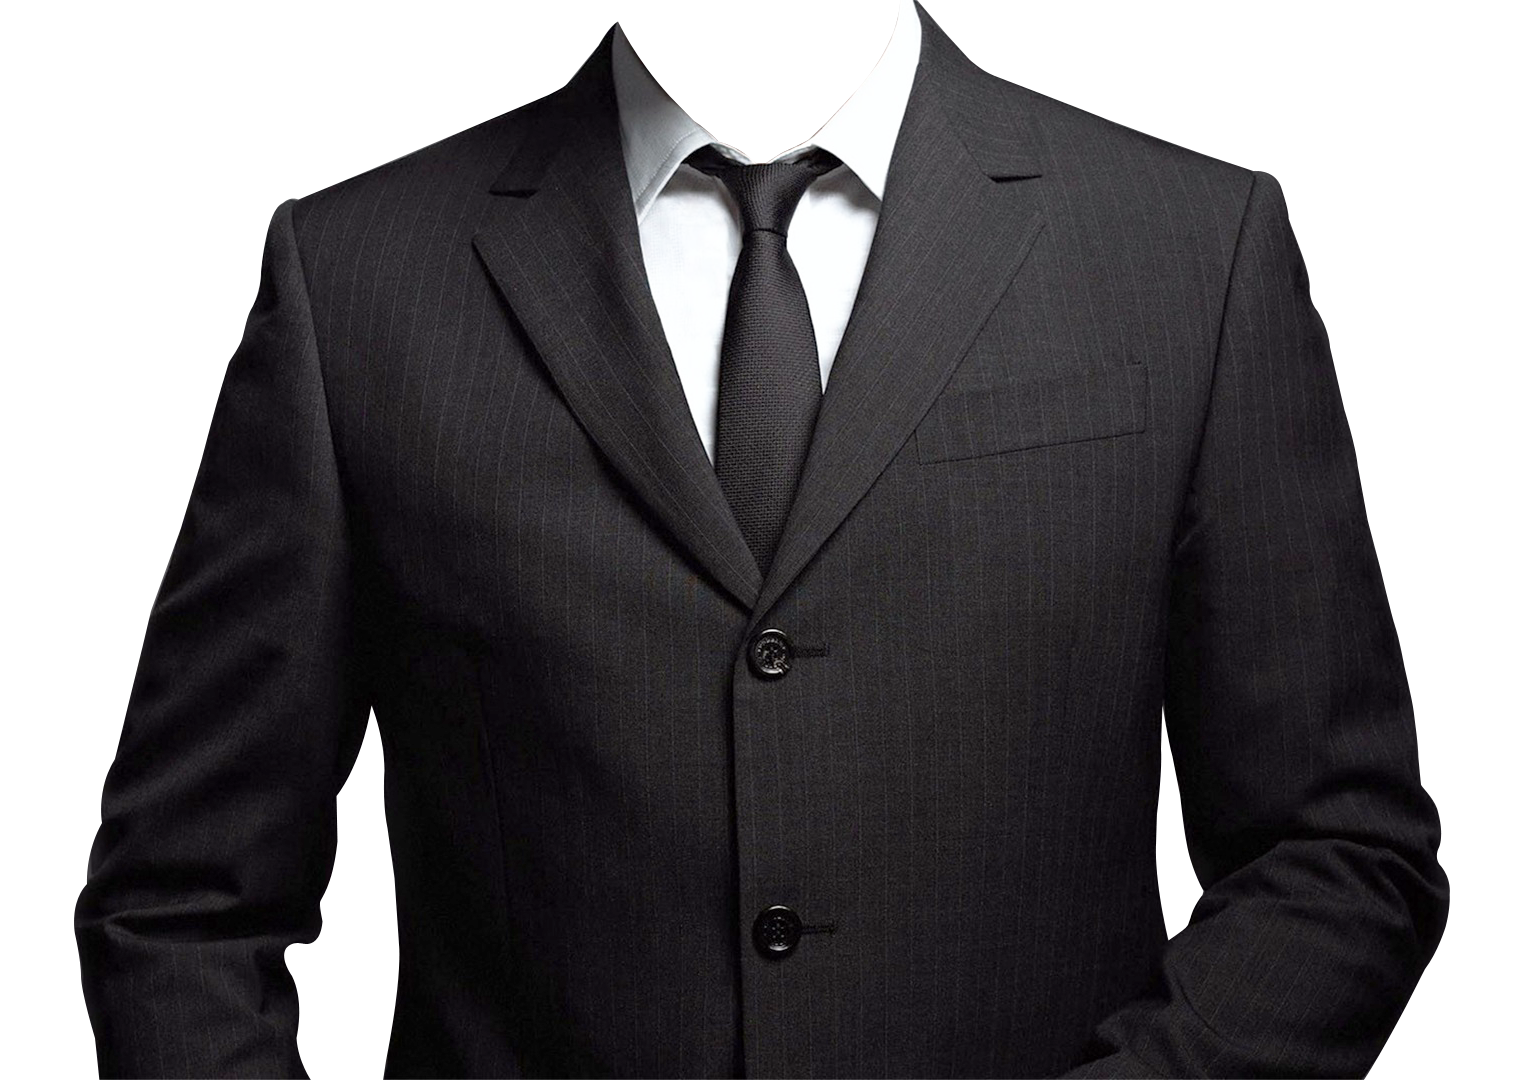 Картинки пиджаков с галстуком